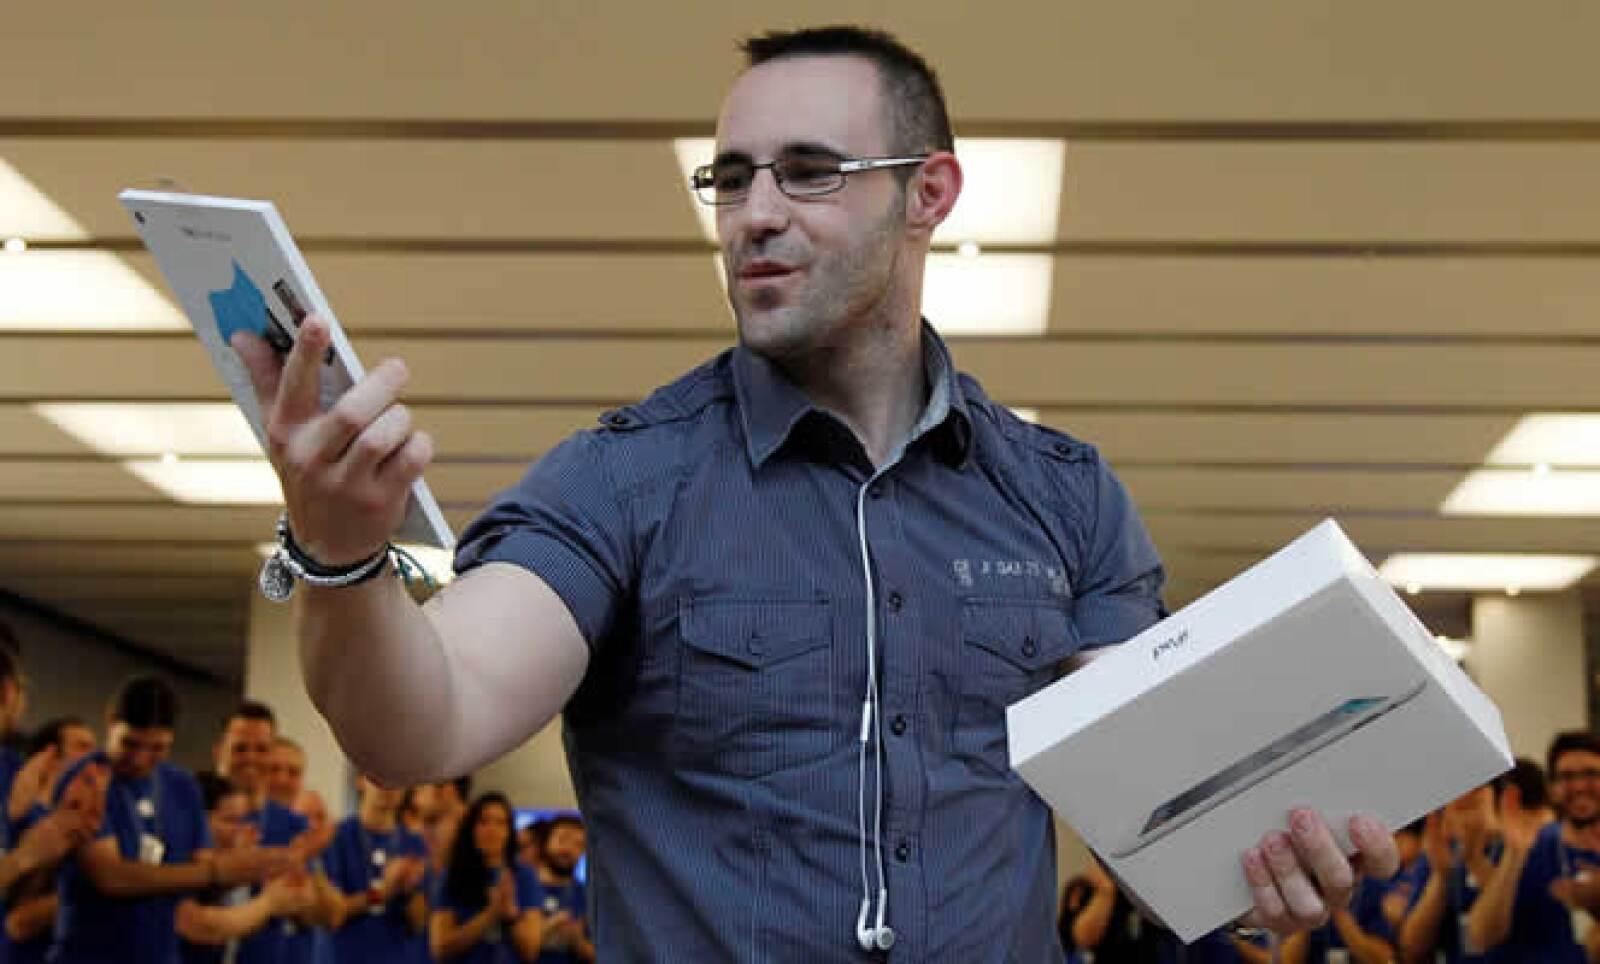 La iPad 2 inició su venta en 25 países este viernes 25 de marzo. En la imagen, Ricardo, el primer cliente en Madrid en conseguir la nueva 'tablet', después de esperar más de 33 horas en la fila.